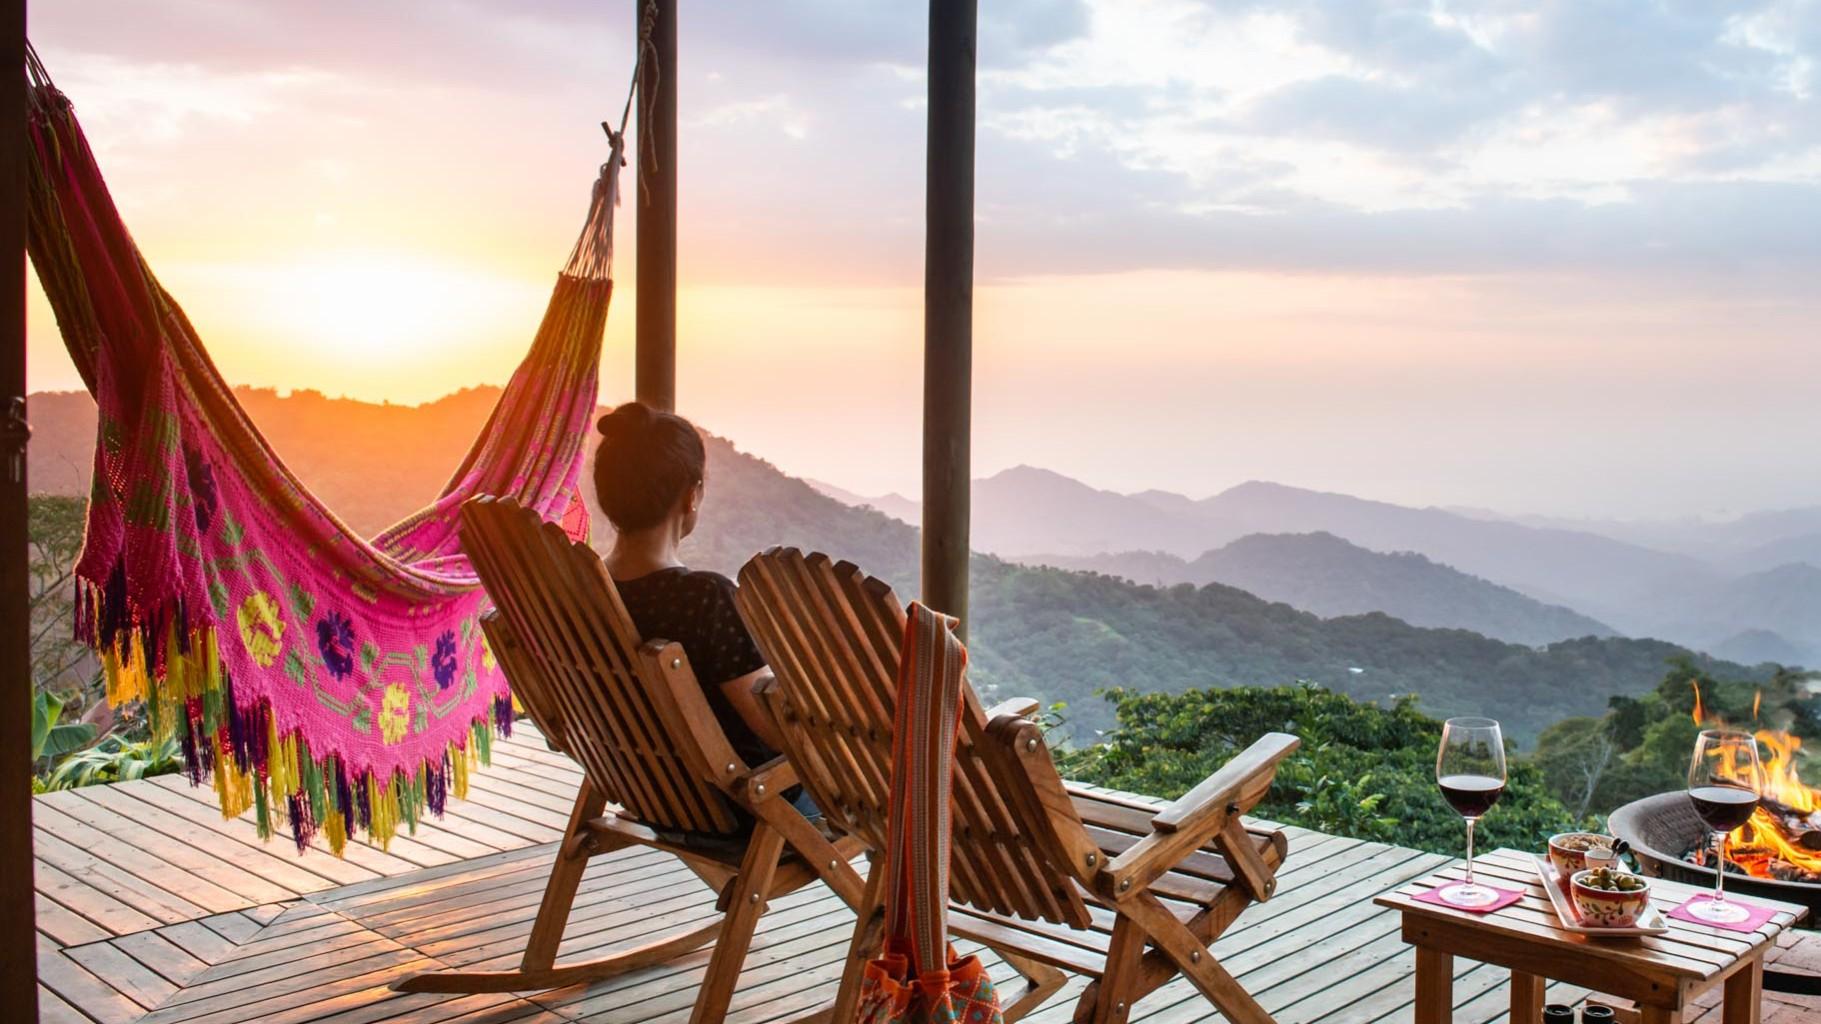 Reconocimiento de una nueva oferta en los viajes, la apuesta para reactivar el turismo interno